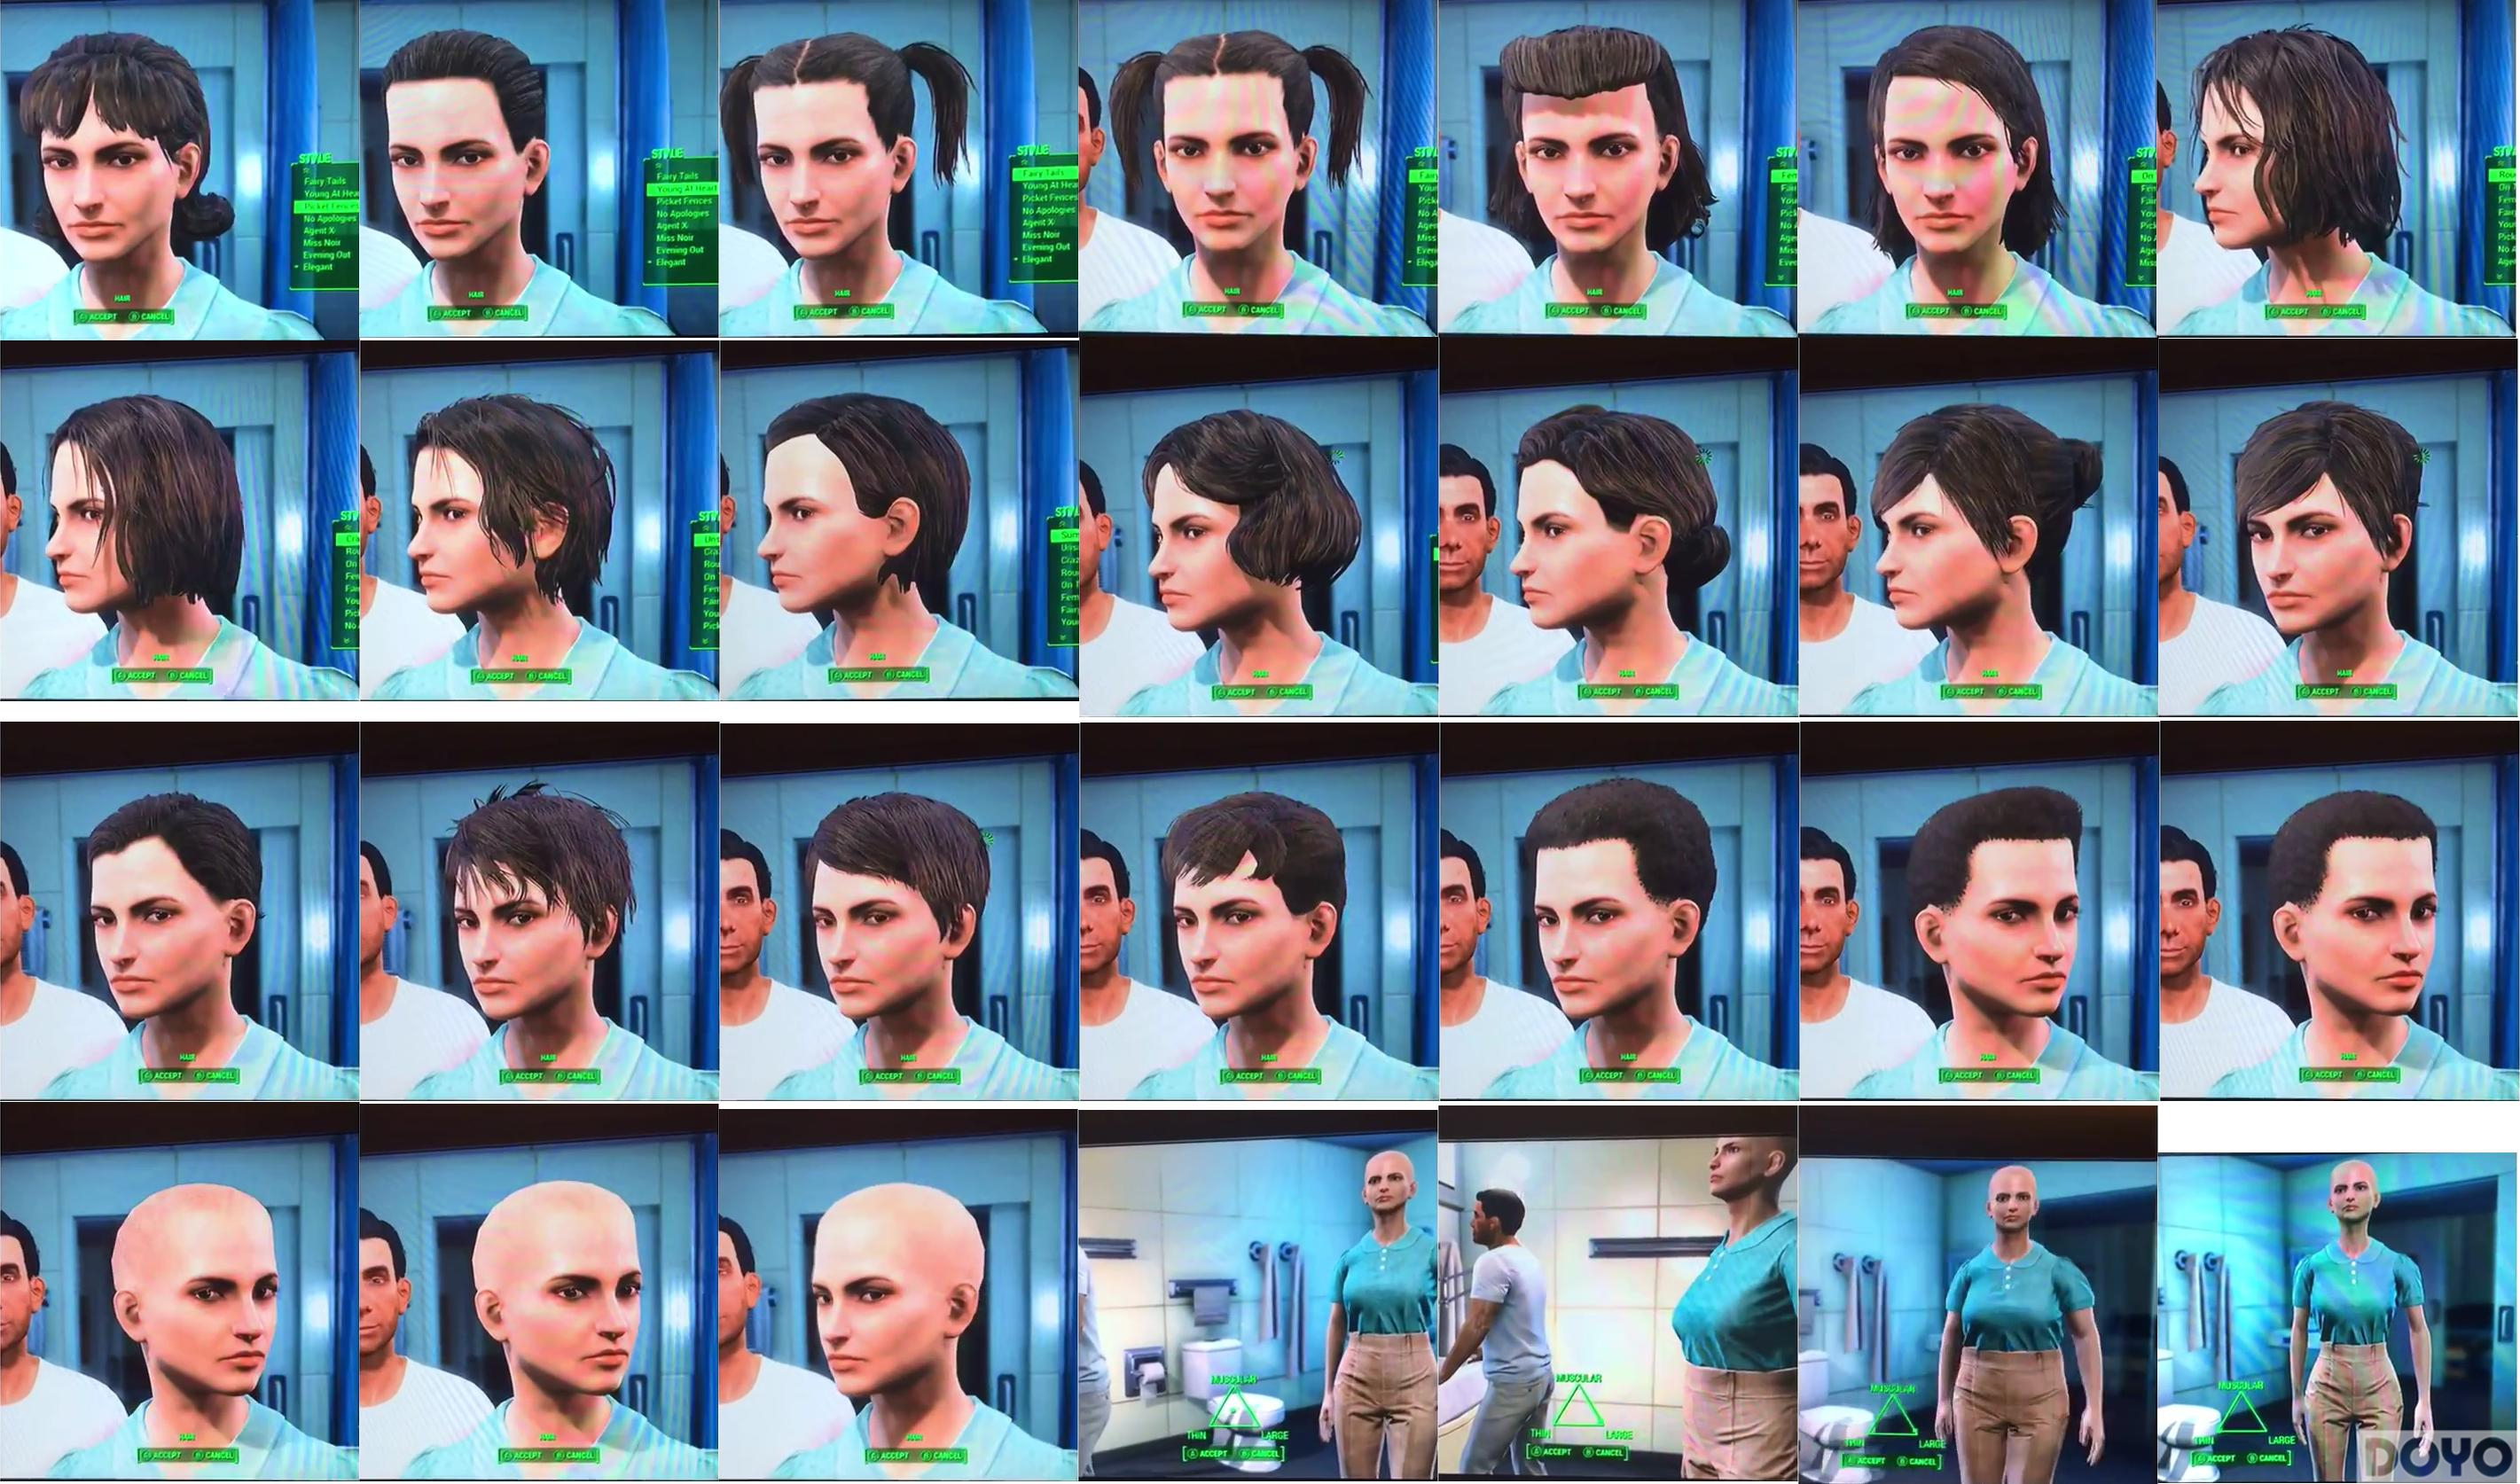 先来选一个 《辐射4》大发快三官网男女主角全部发型样式泄露